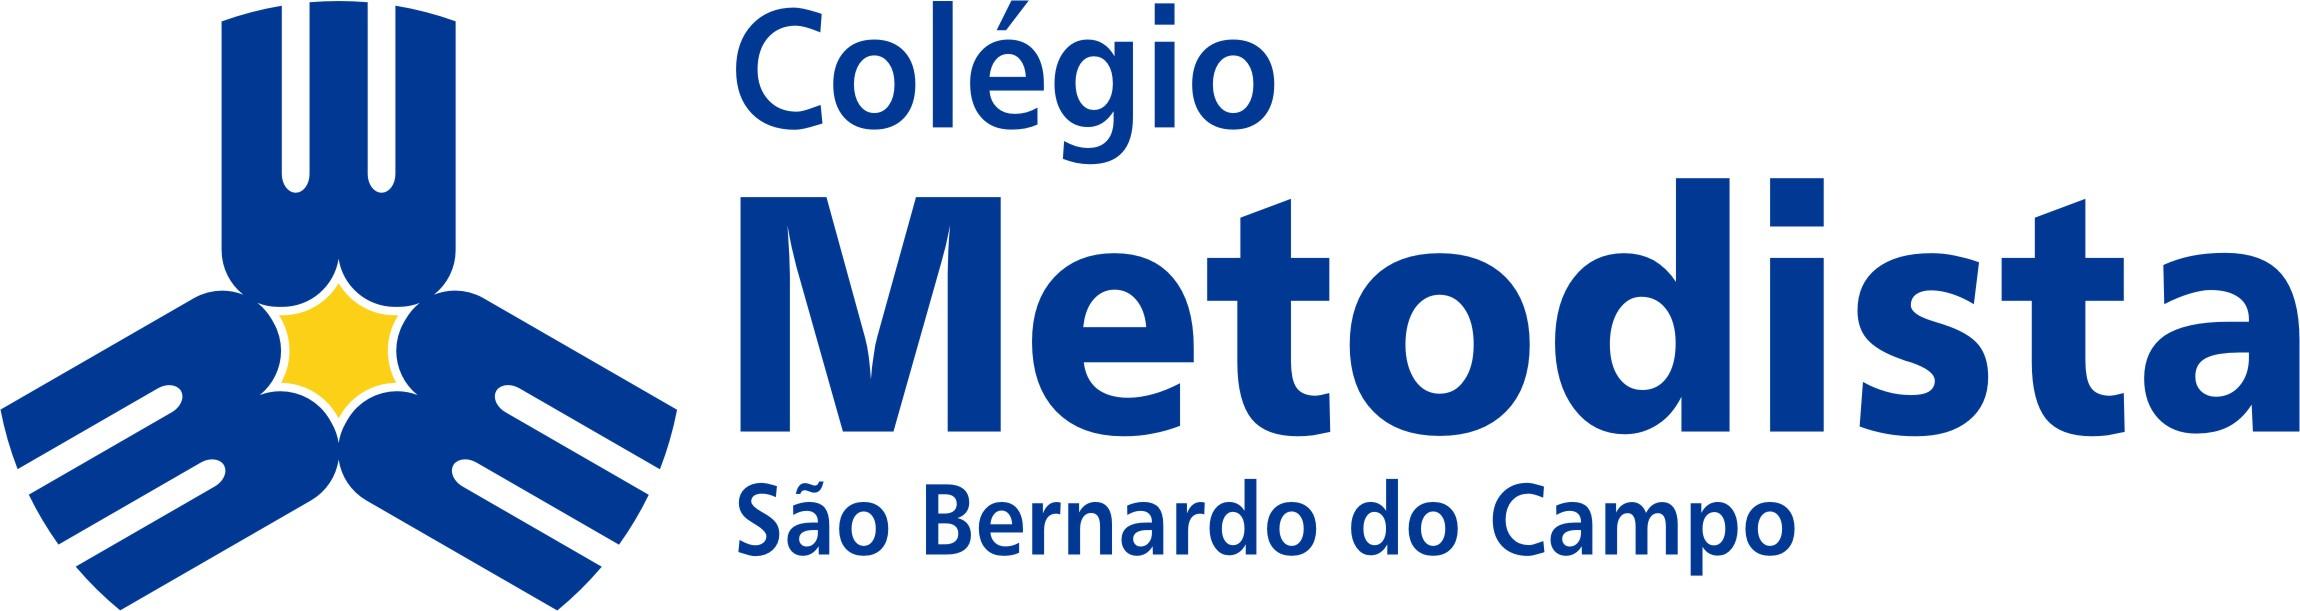 Processo de Seleção – coordenação pedagógica do Ensino Médio do Colégio Metodista de São Bernardo do Campo